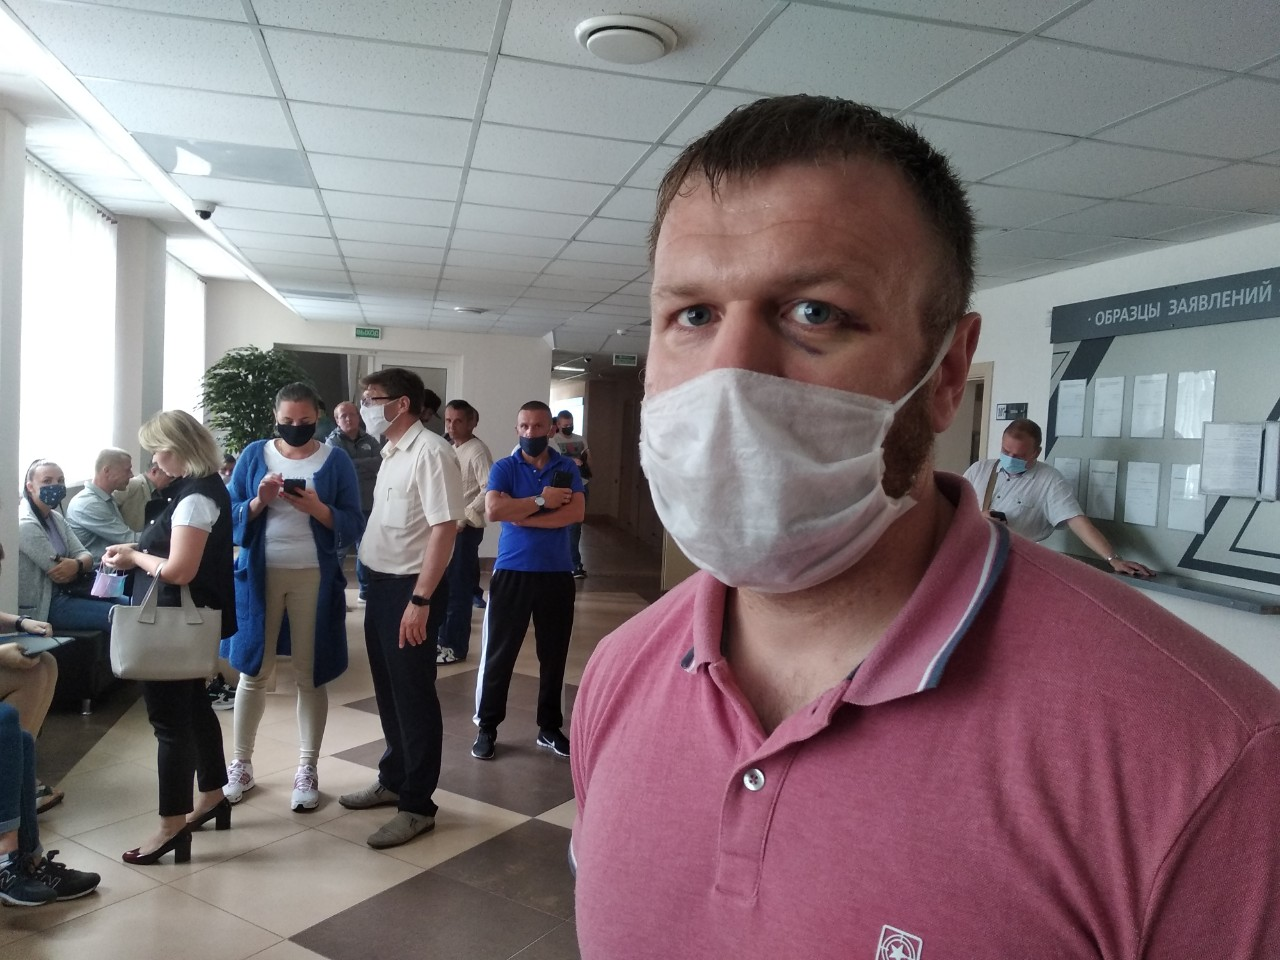 Александр Позняк с синяком под глазом. Фото: Ирина КОМИК, Intex-press